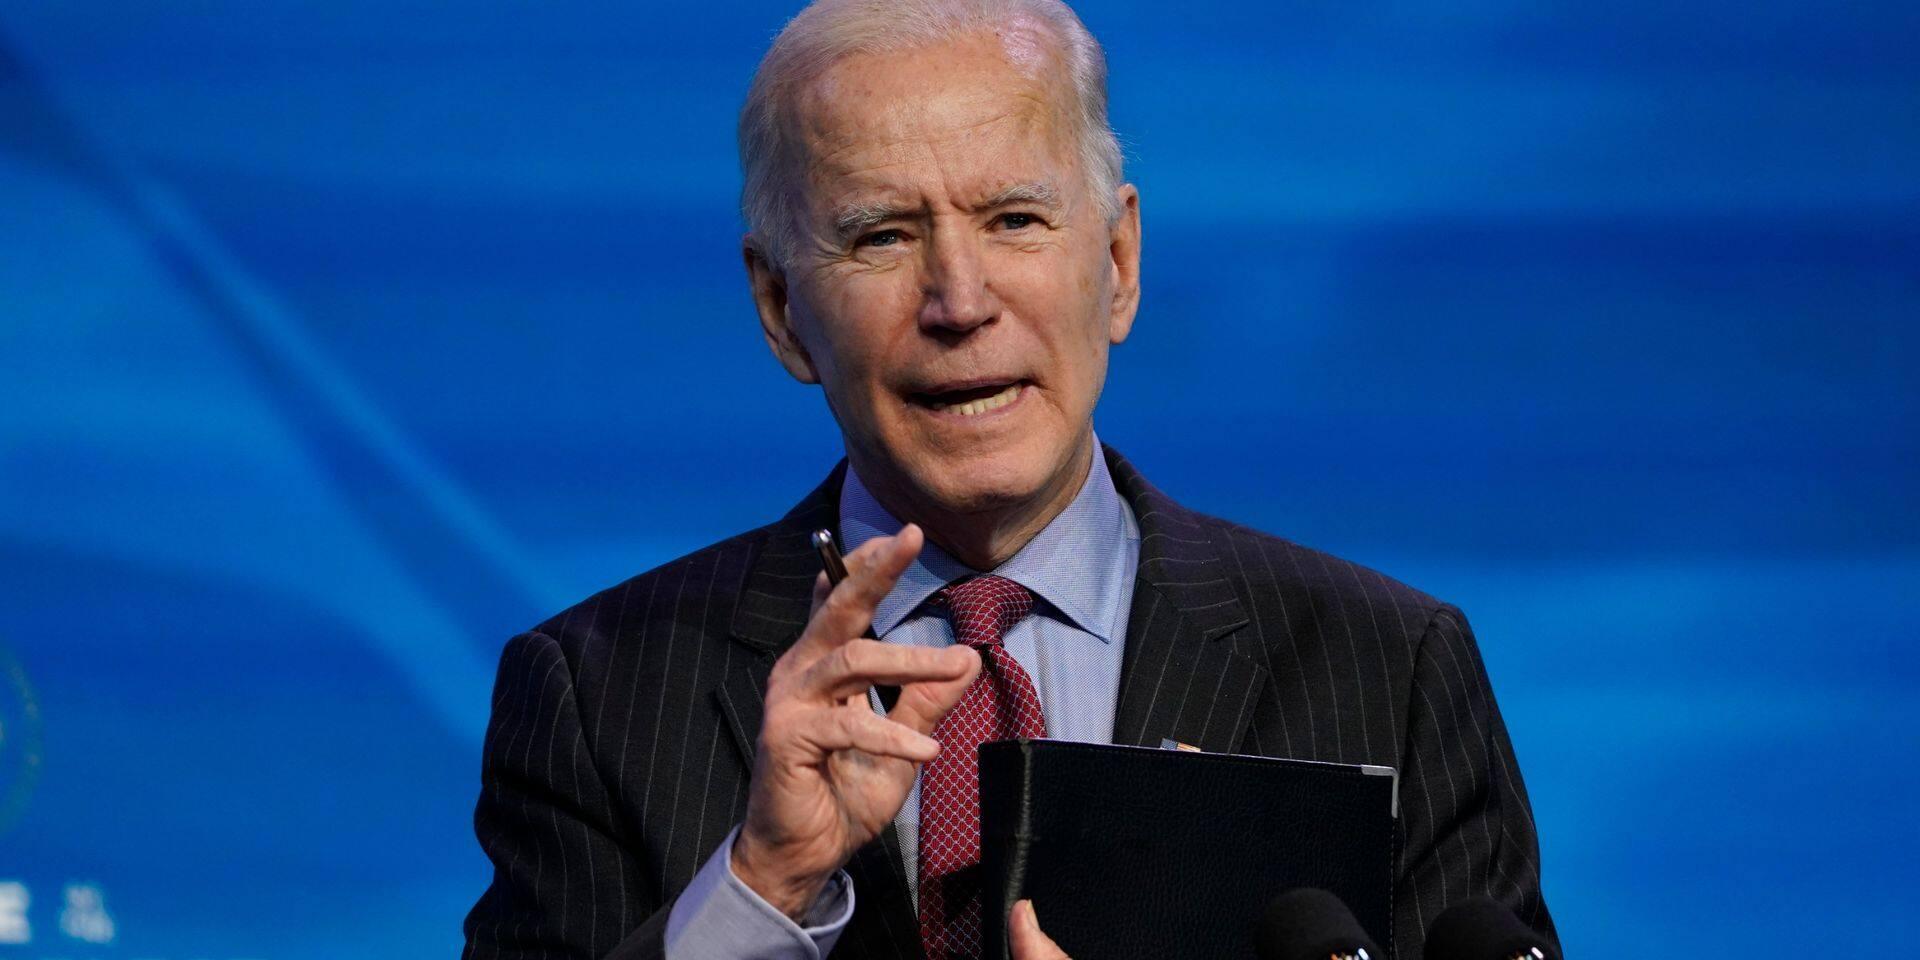 Joe Biden demande au Congrès de travailler sur les priorités malgré le procès